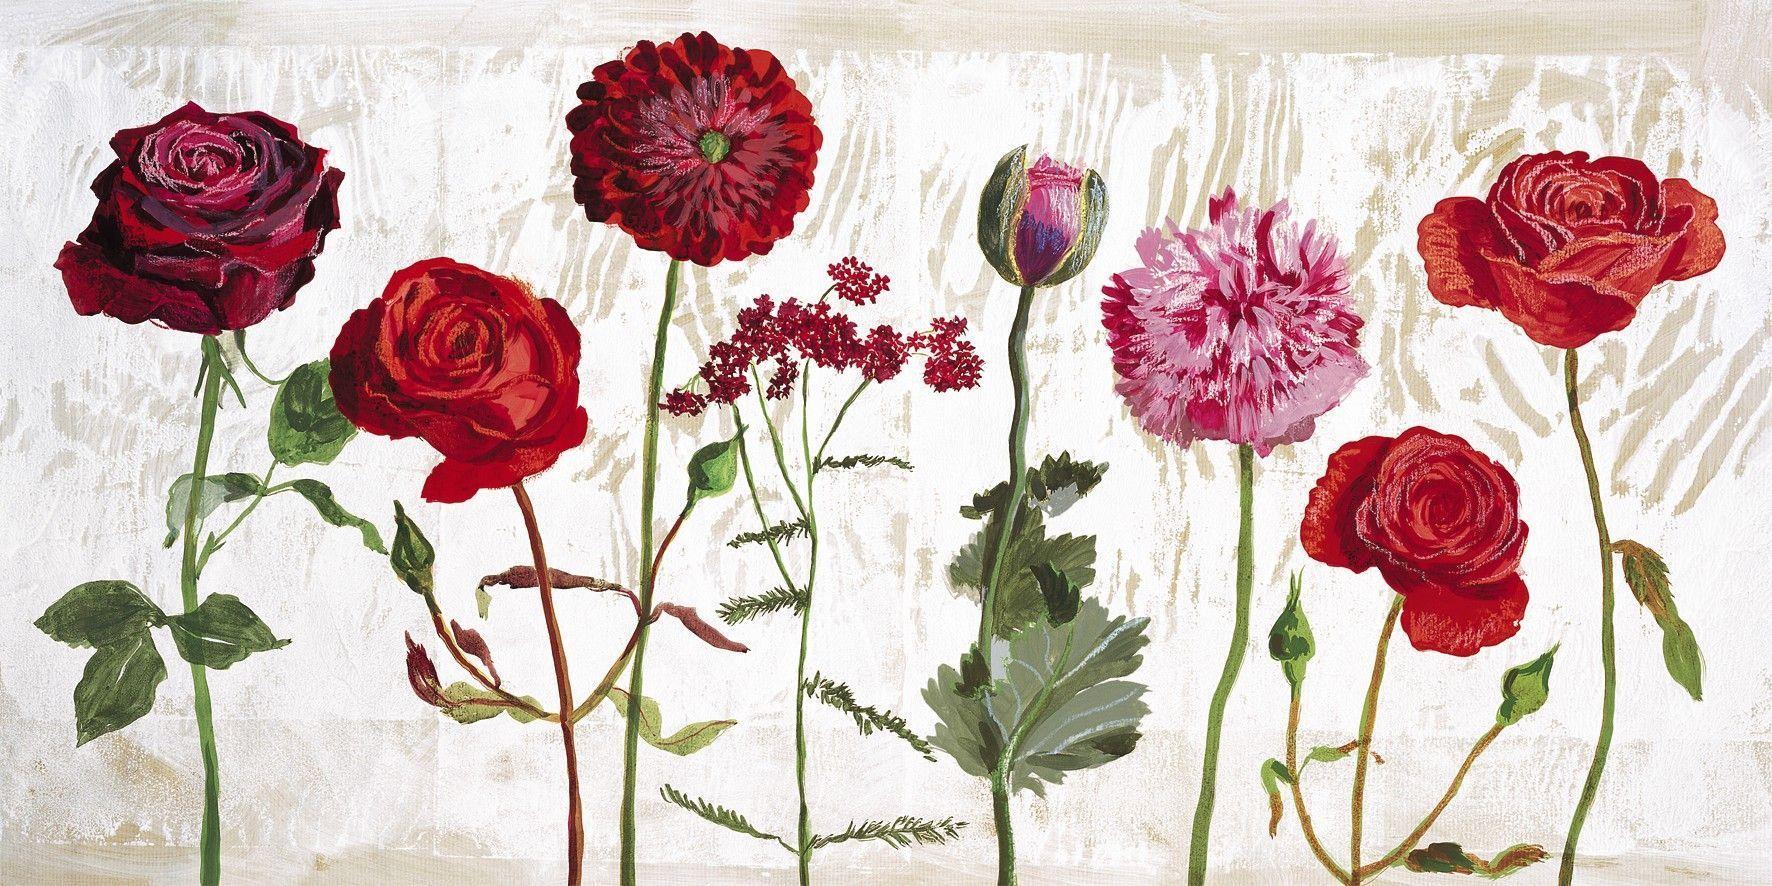 Affiche le jardin aux fleurs rouges